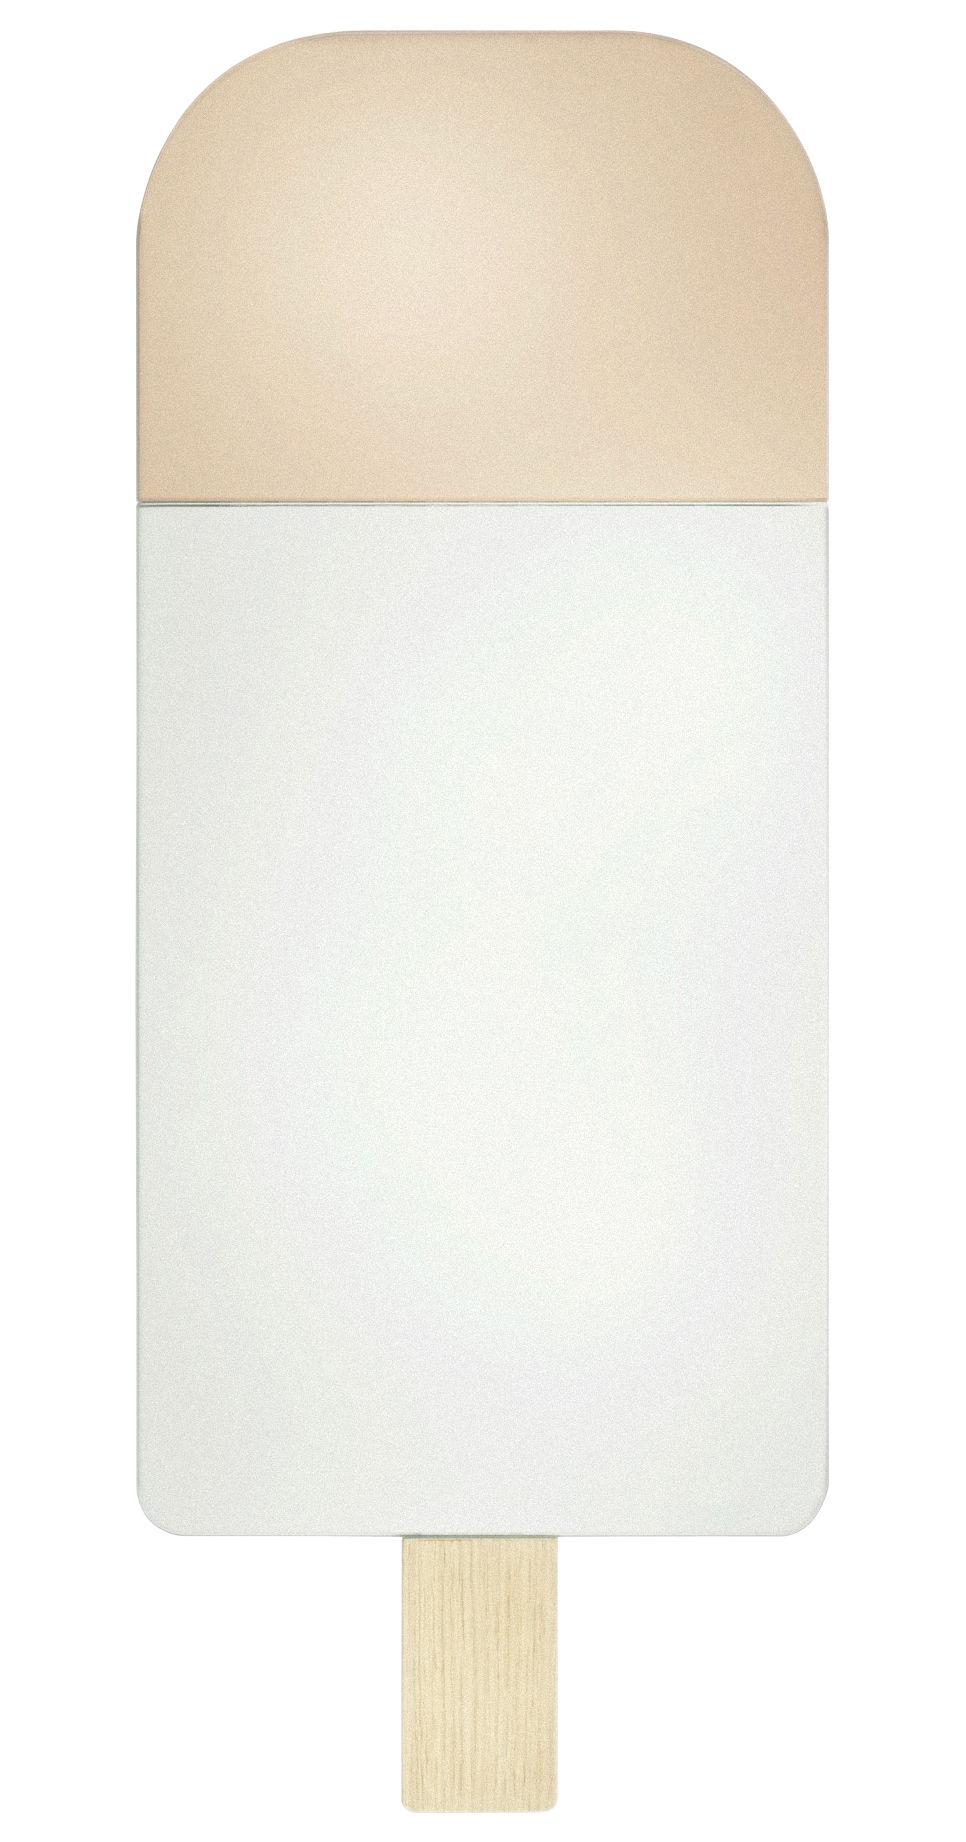 Interni - Specchi - Specchio murale Ice Cream - / H 57 cm di Elements Optimal - Rosa antico e specchio / Legno chiaro - Rovere, Vetro